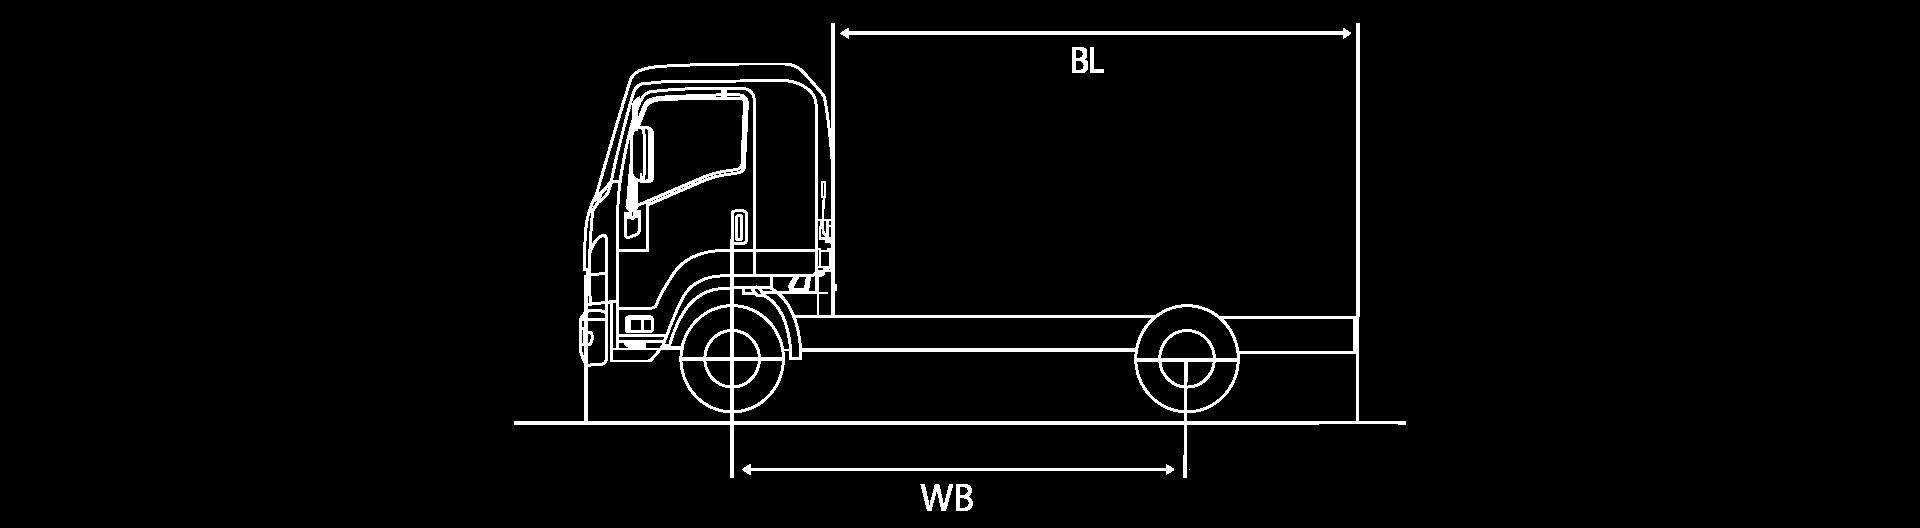 medidas bl y wb camion chevrolet